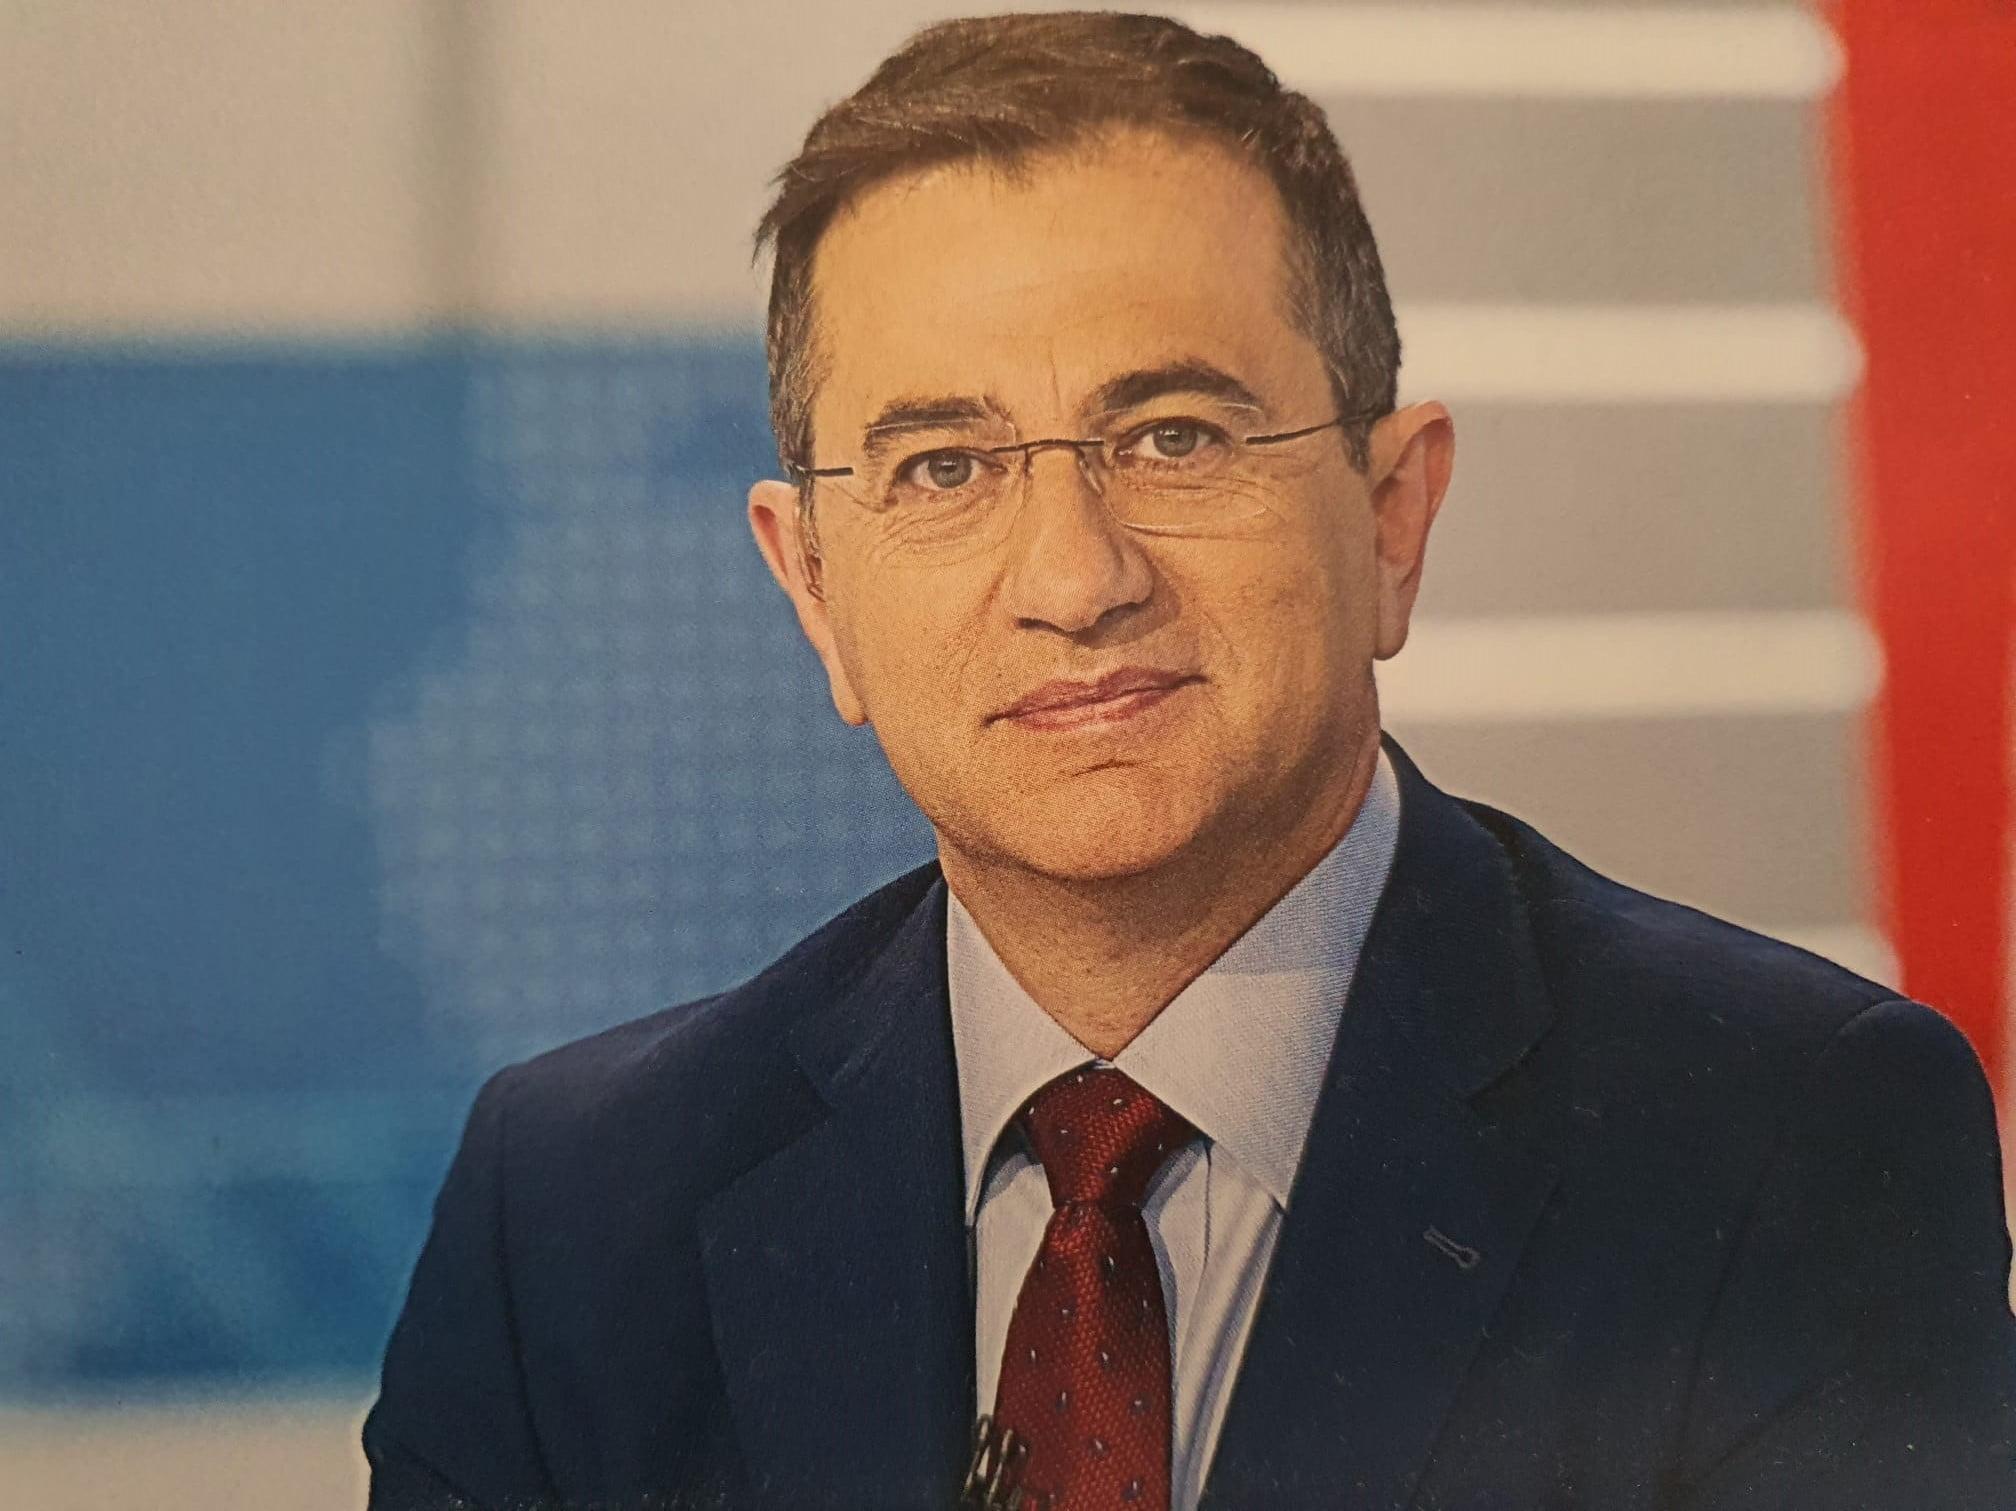 Pedro Antonio Carreño